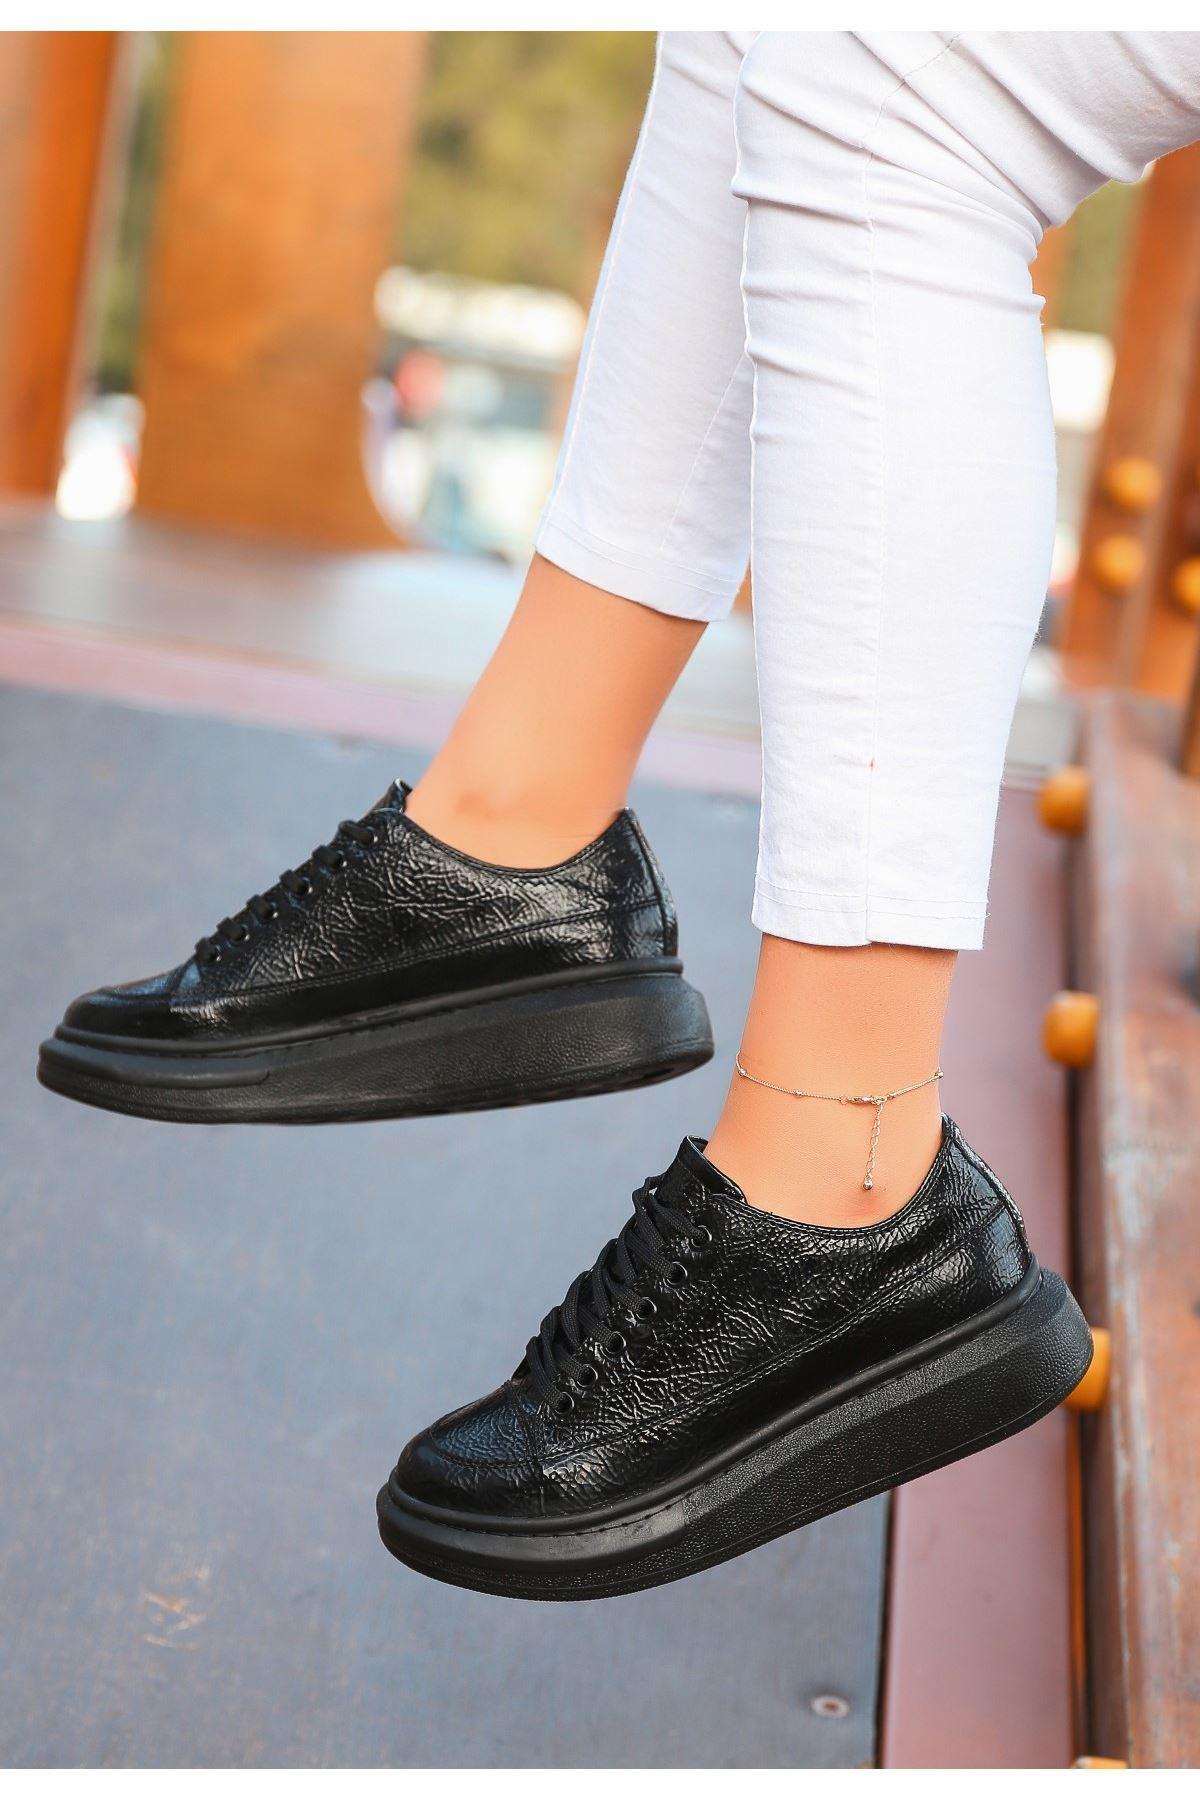 Voni Siyah Rugan Desenli Spor Ayakkabı